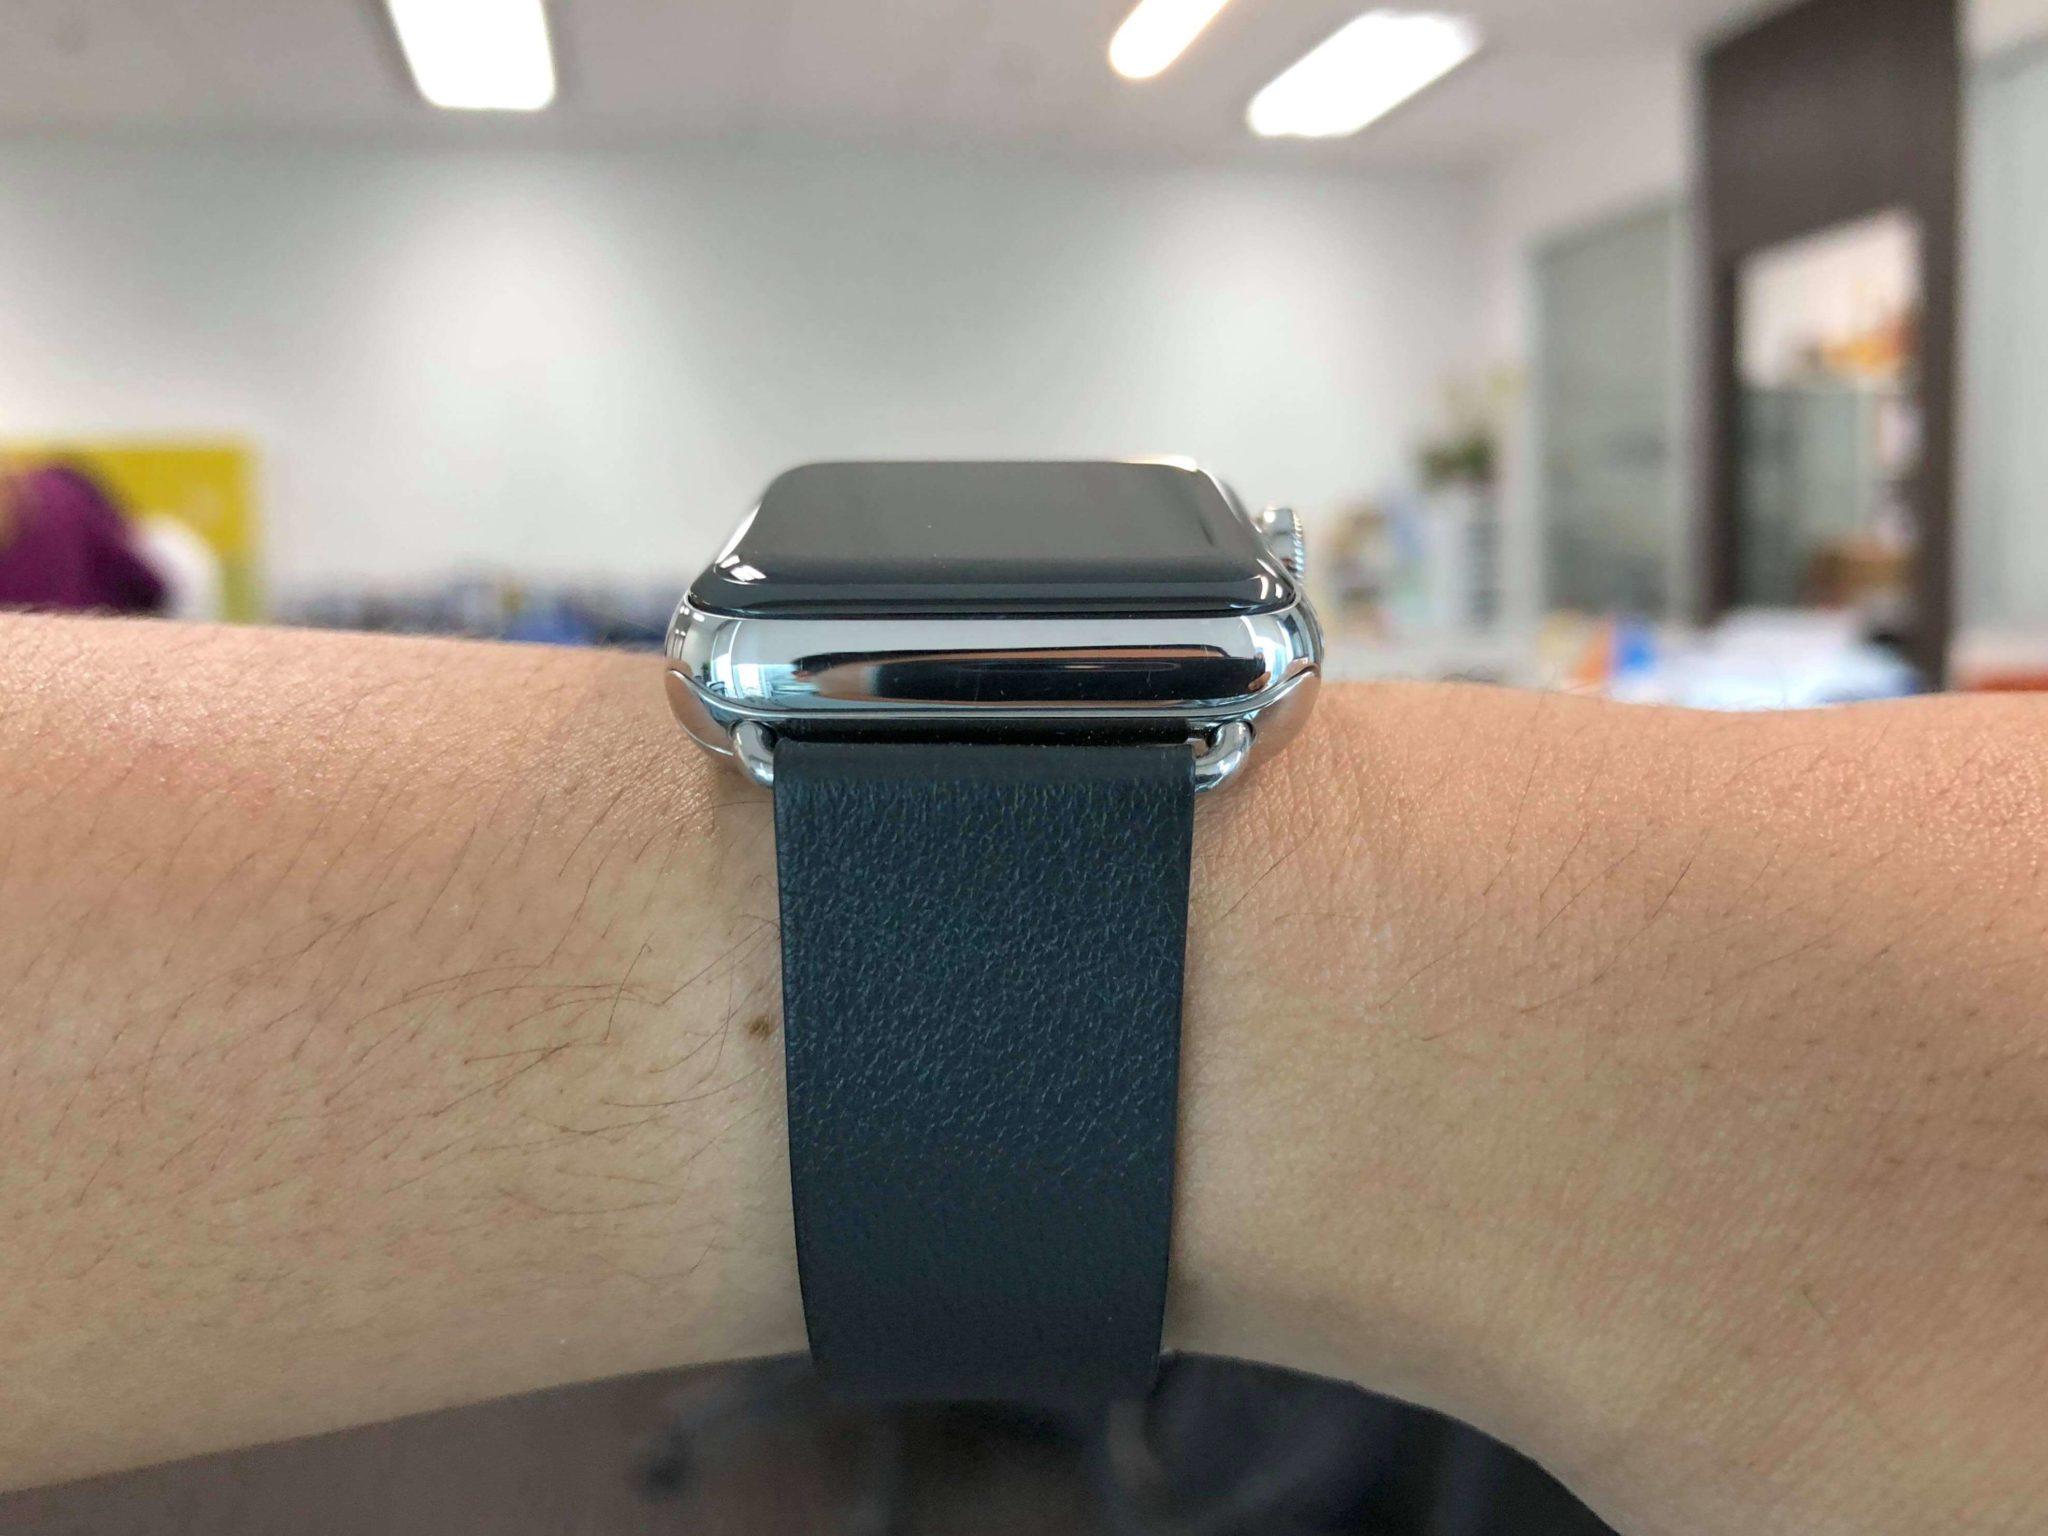 รีวิว Apple Watch LTE นาฬิกาแอปเปิ้ลใหม่ใส่ซิม โทรได้แม้ไร้ iPhone 23 - Smart Home